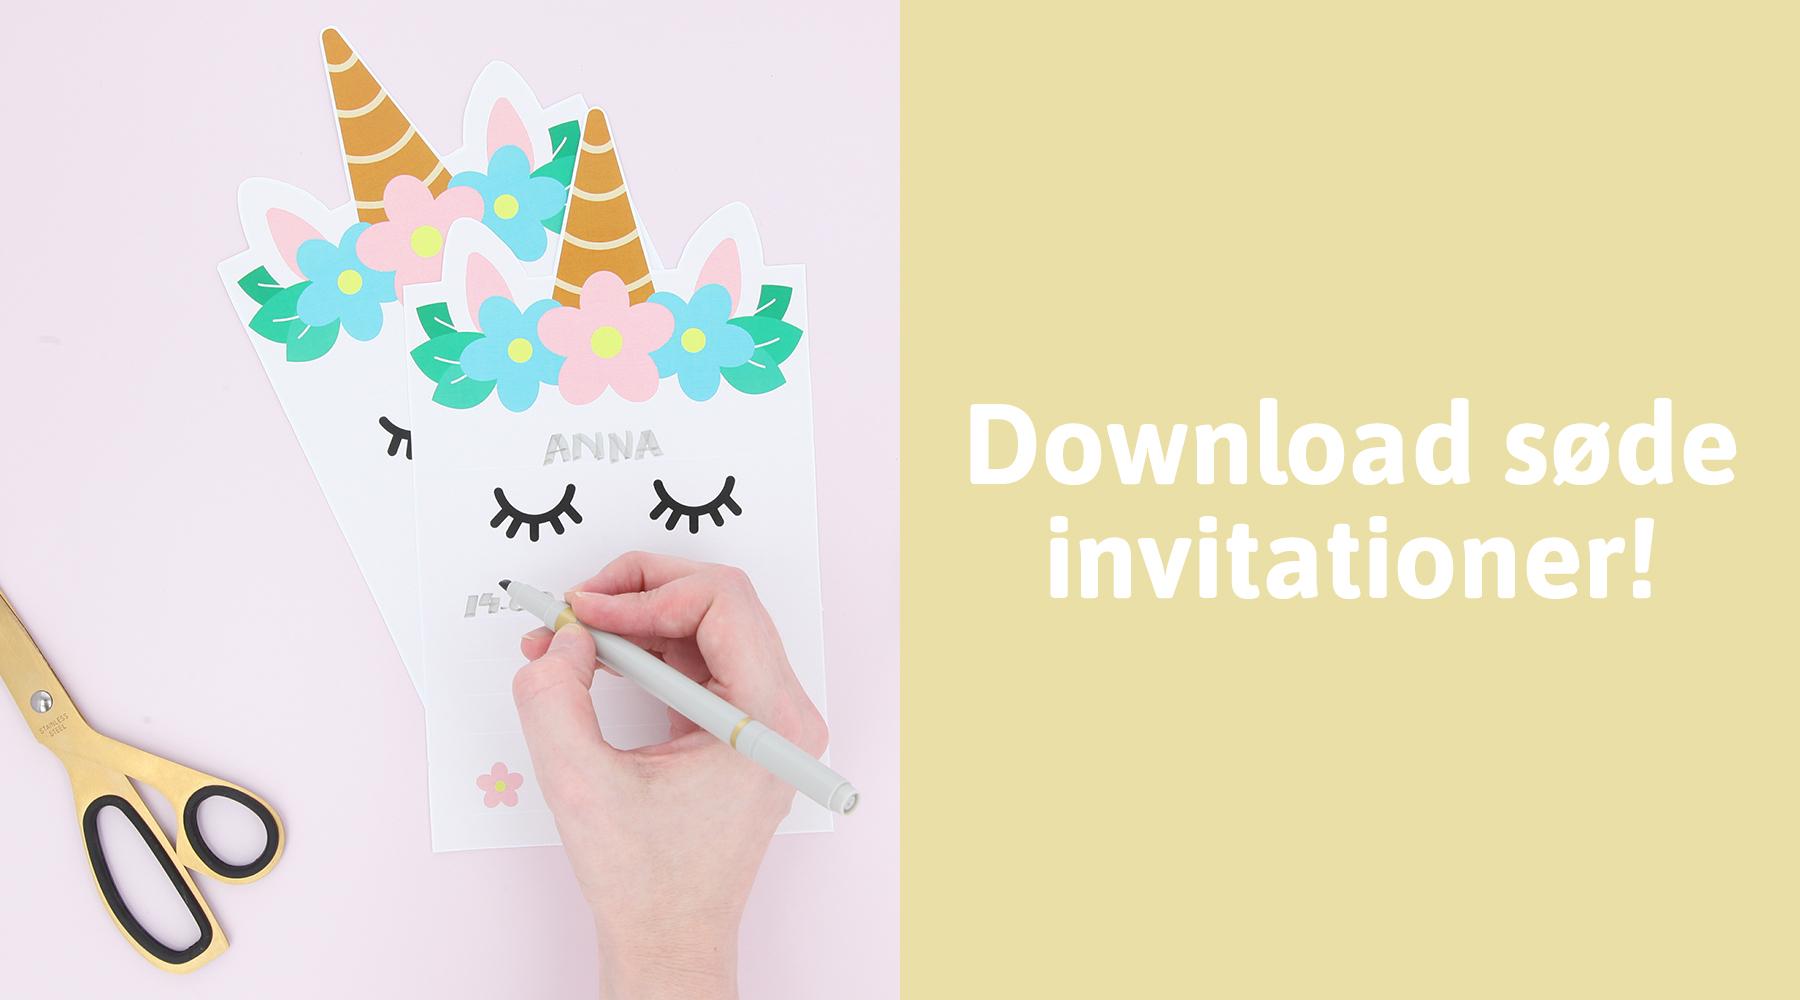 Invitationer til enhjørningefødselsdag